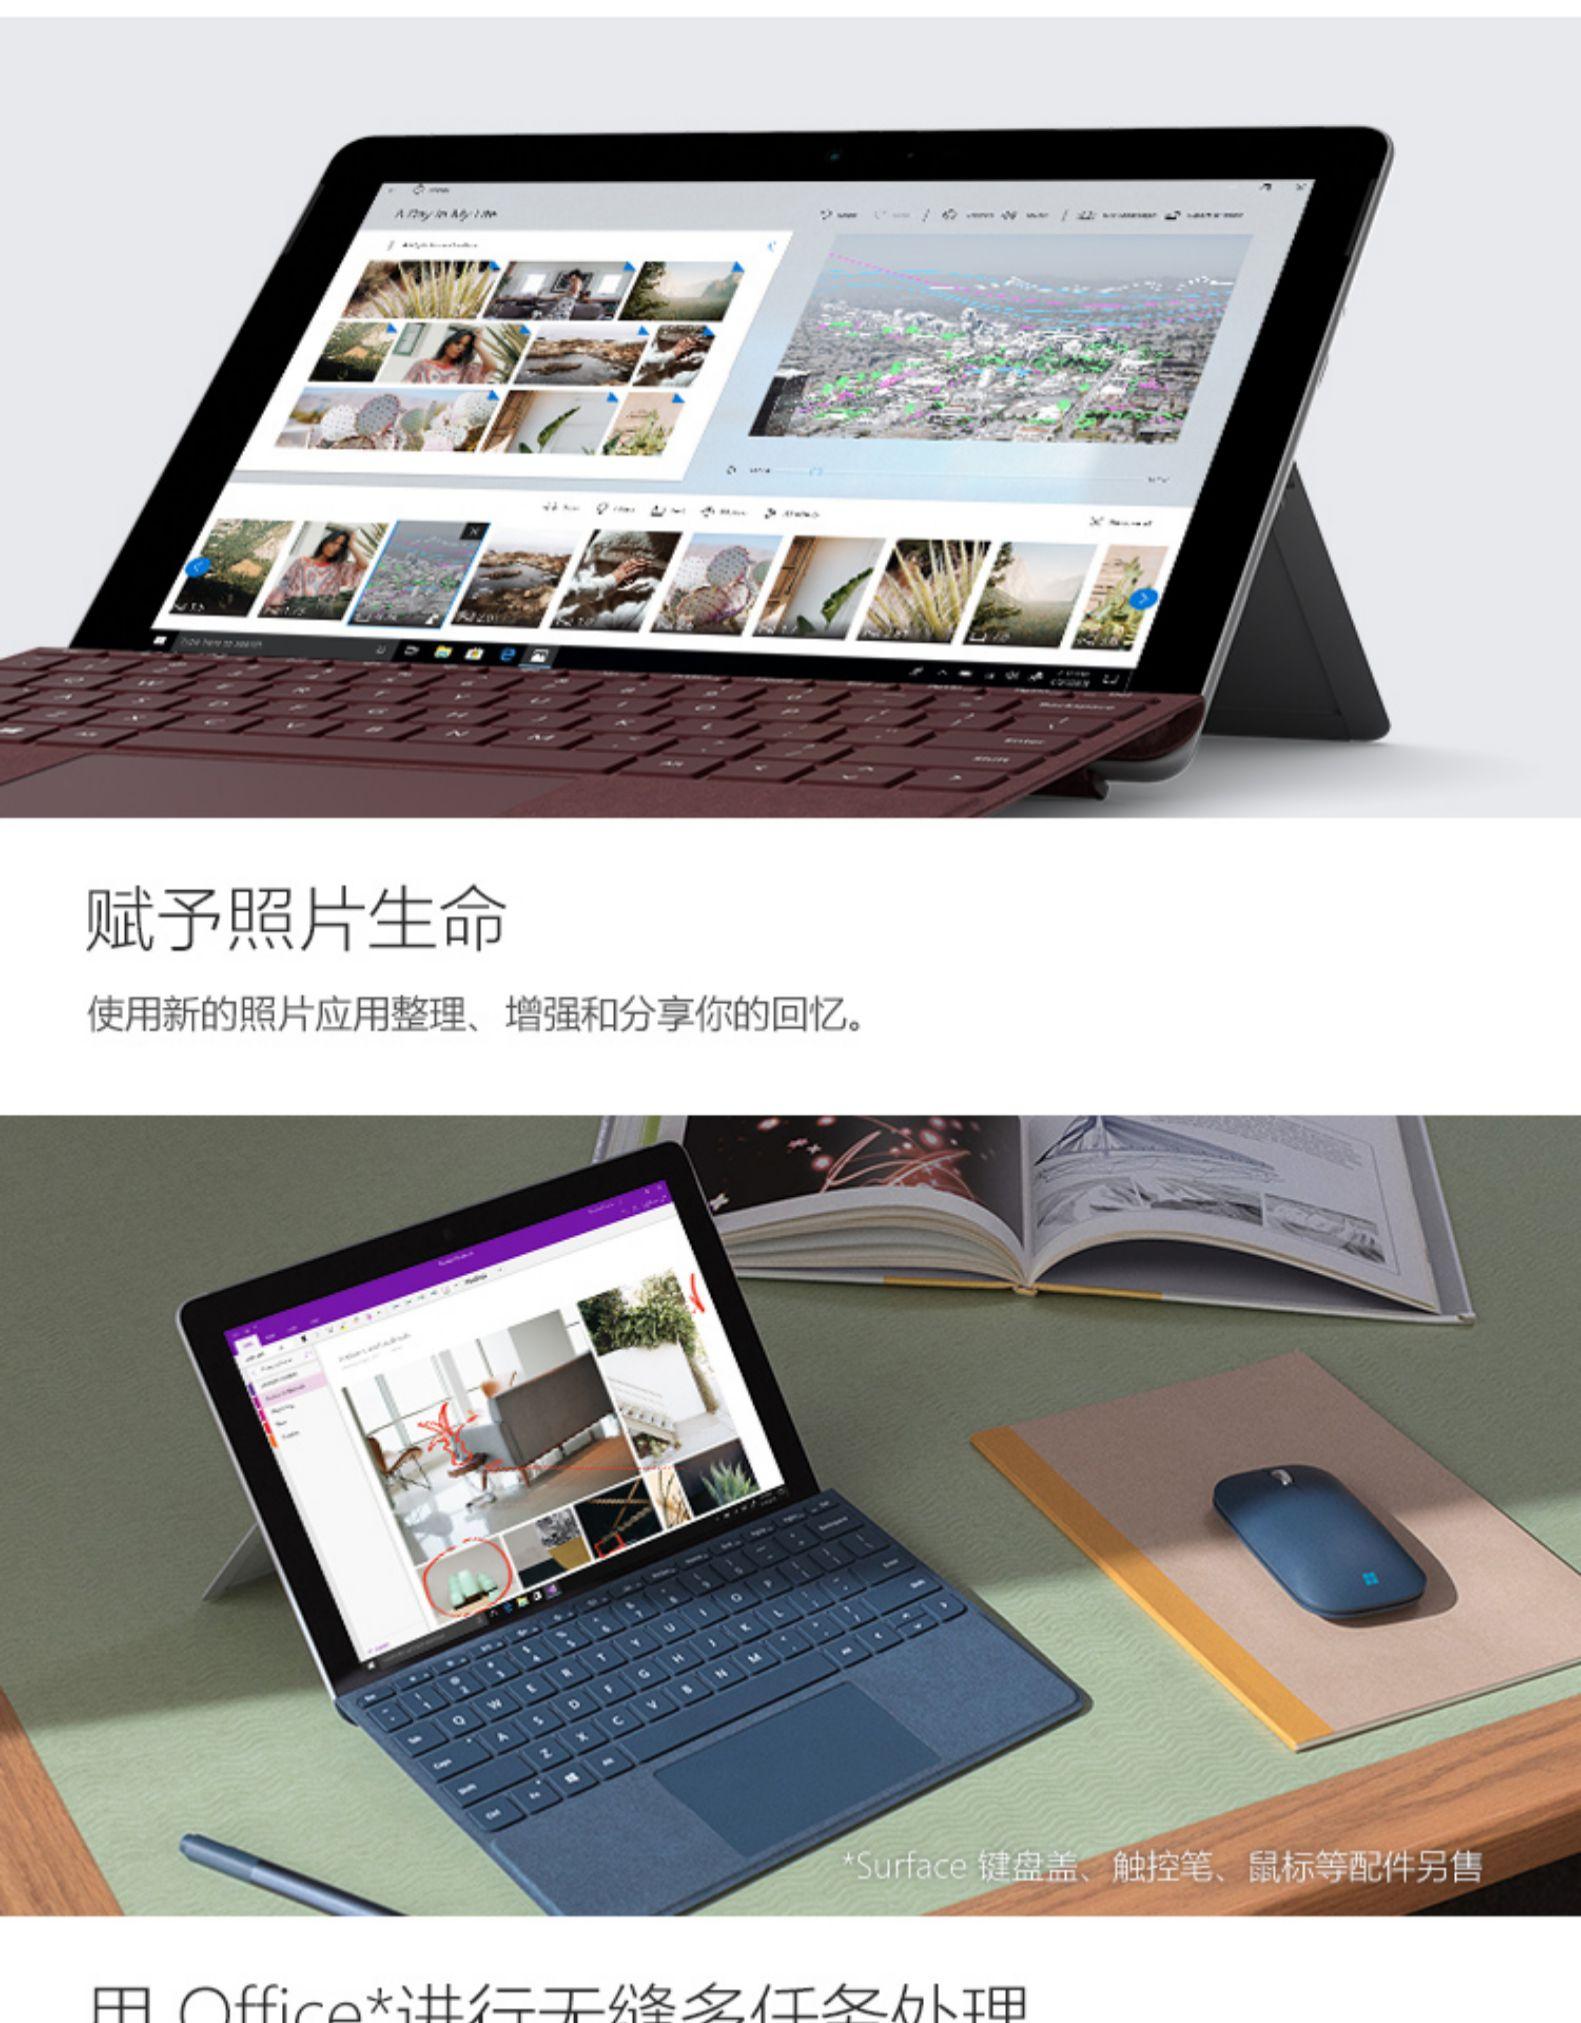 Máy tính bảng Chương trình Microsoft Tham nhũng đi 8g 128G 10 cm máy tính bảng thứ hai trong một máy